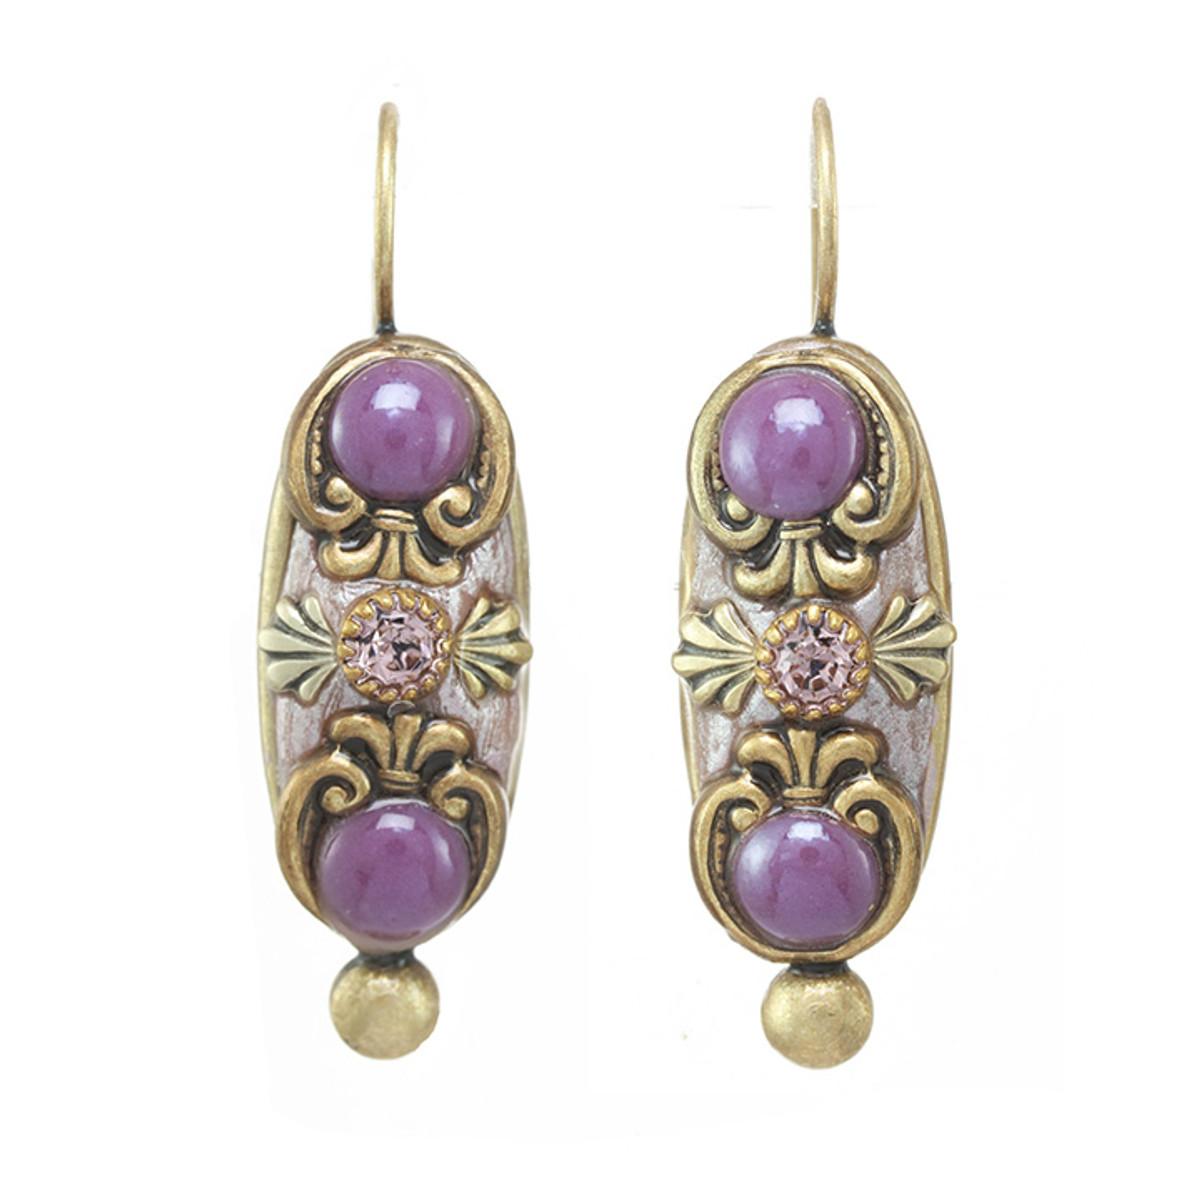 Michal Golan Michal Golan Lilac Long Oval Earrings